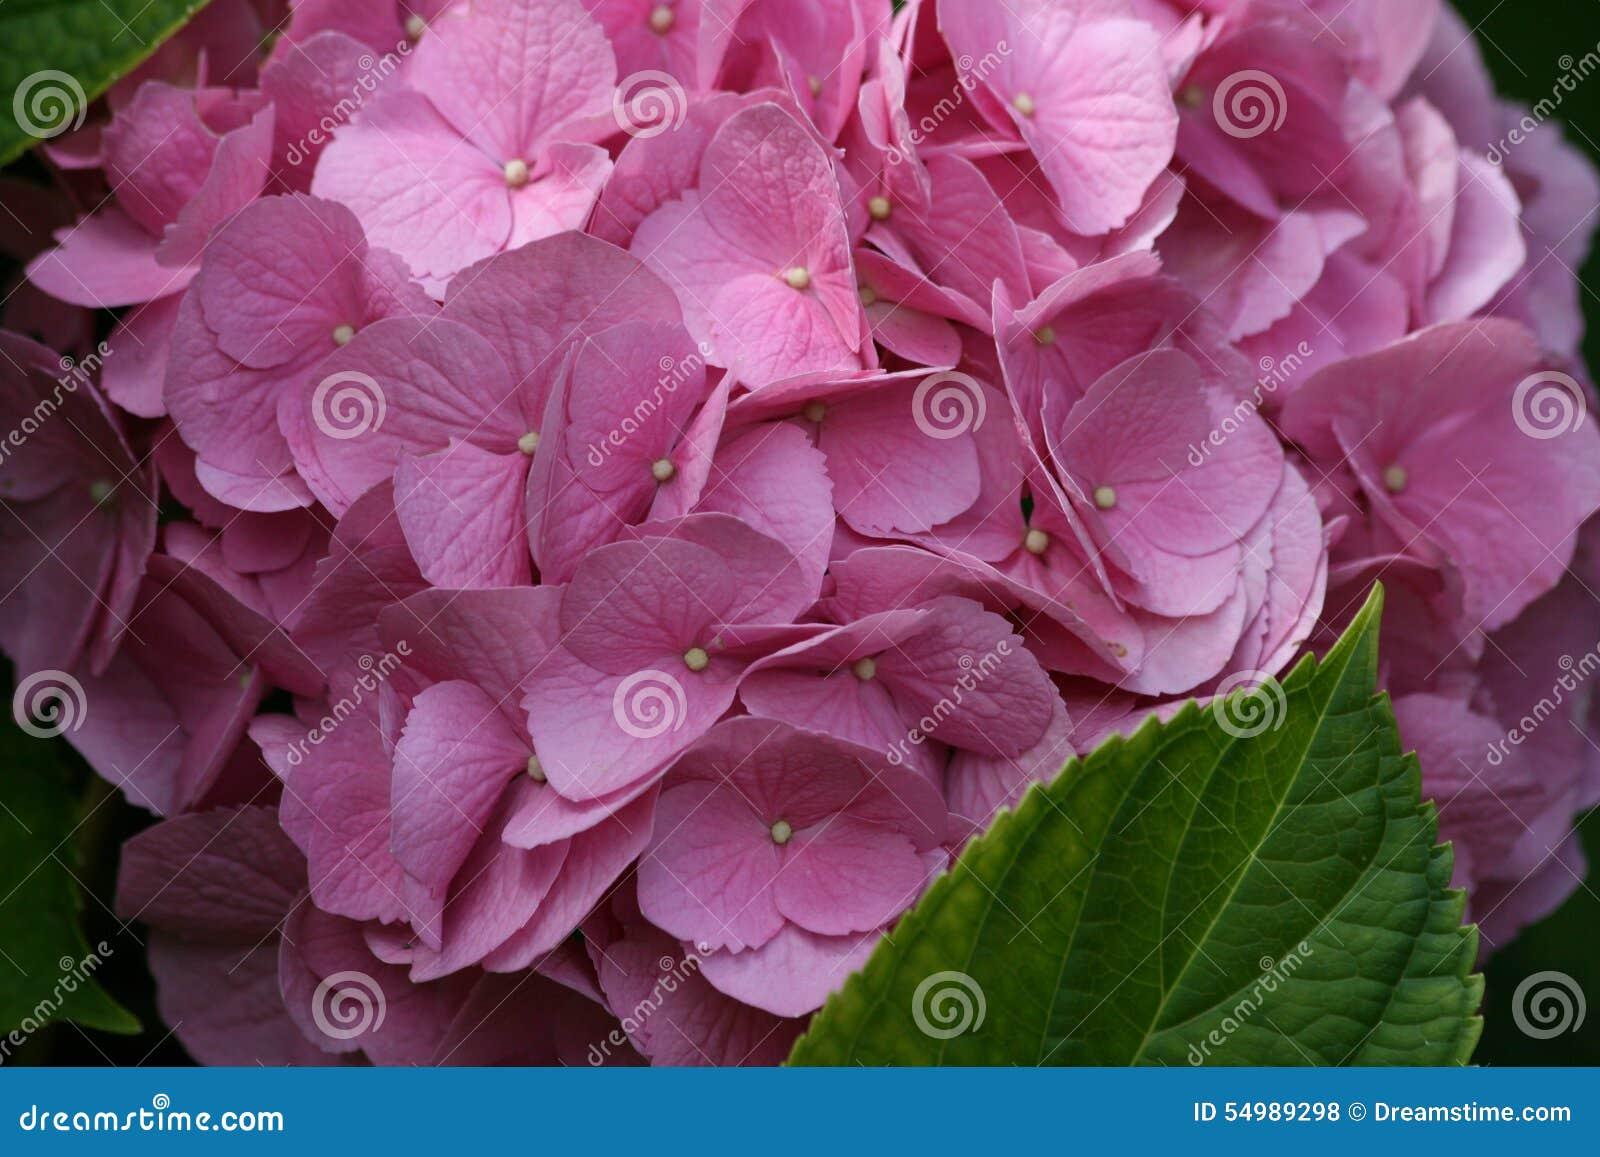 Hortensieblume